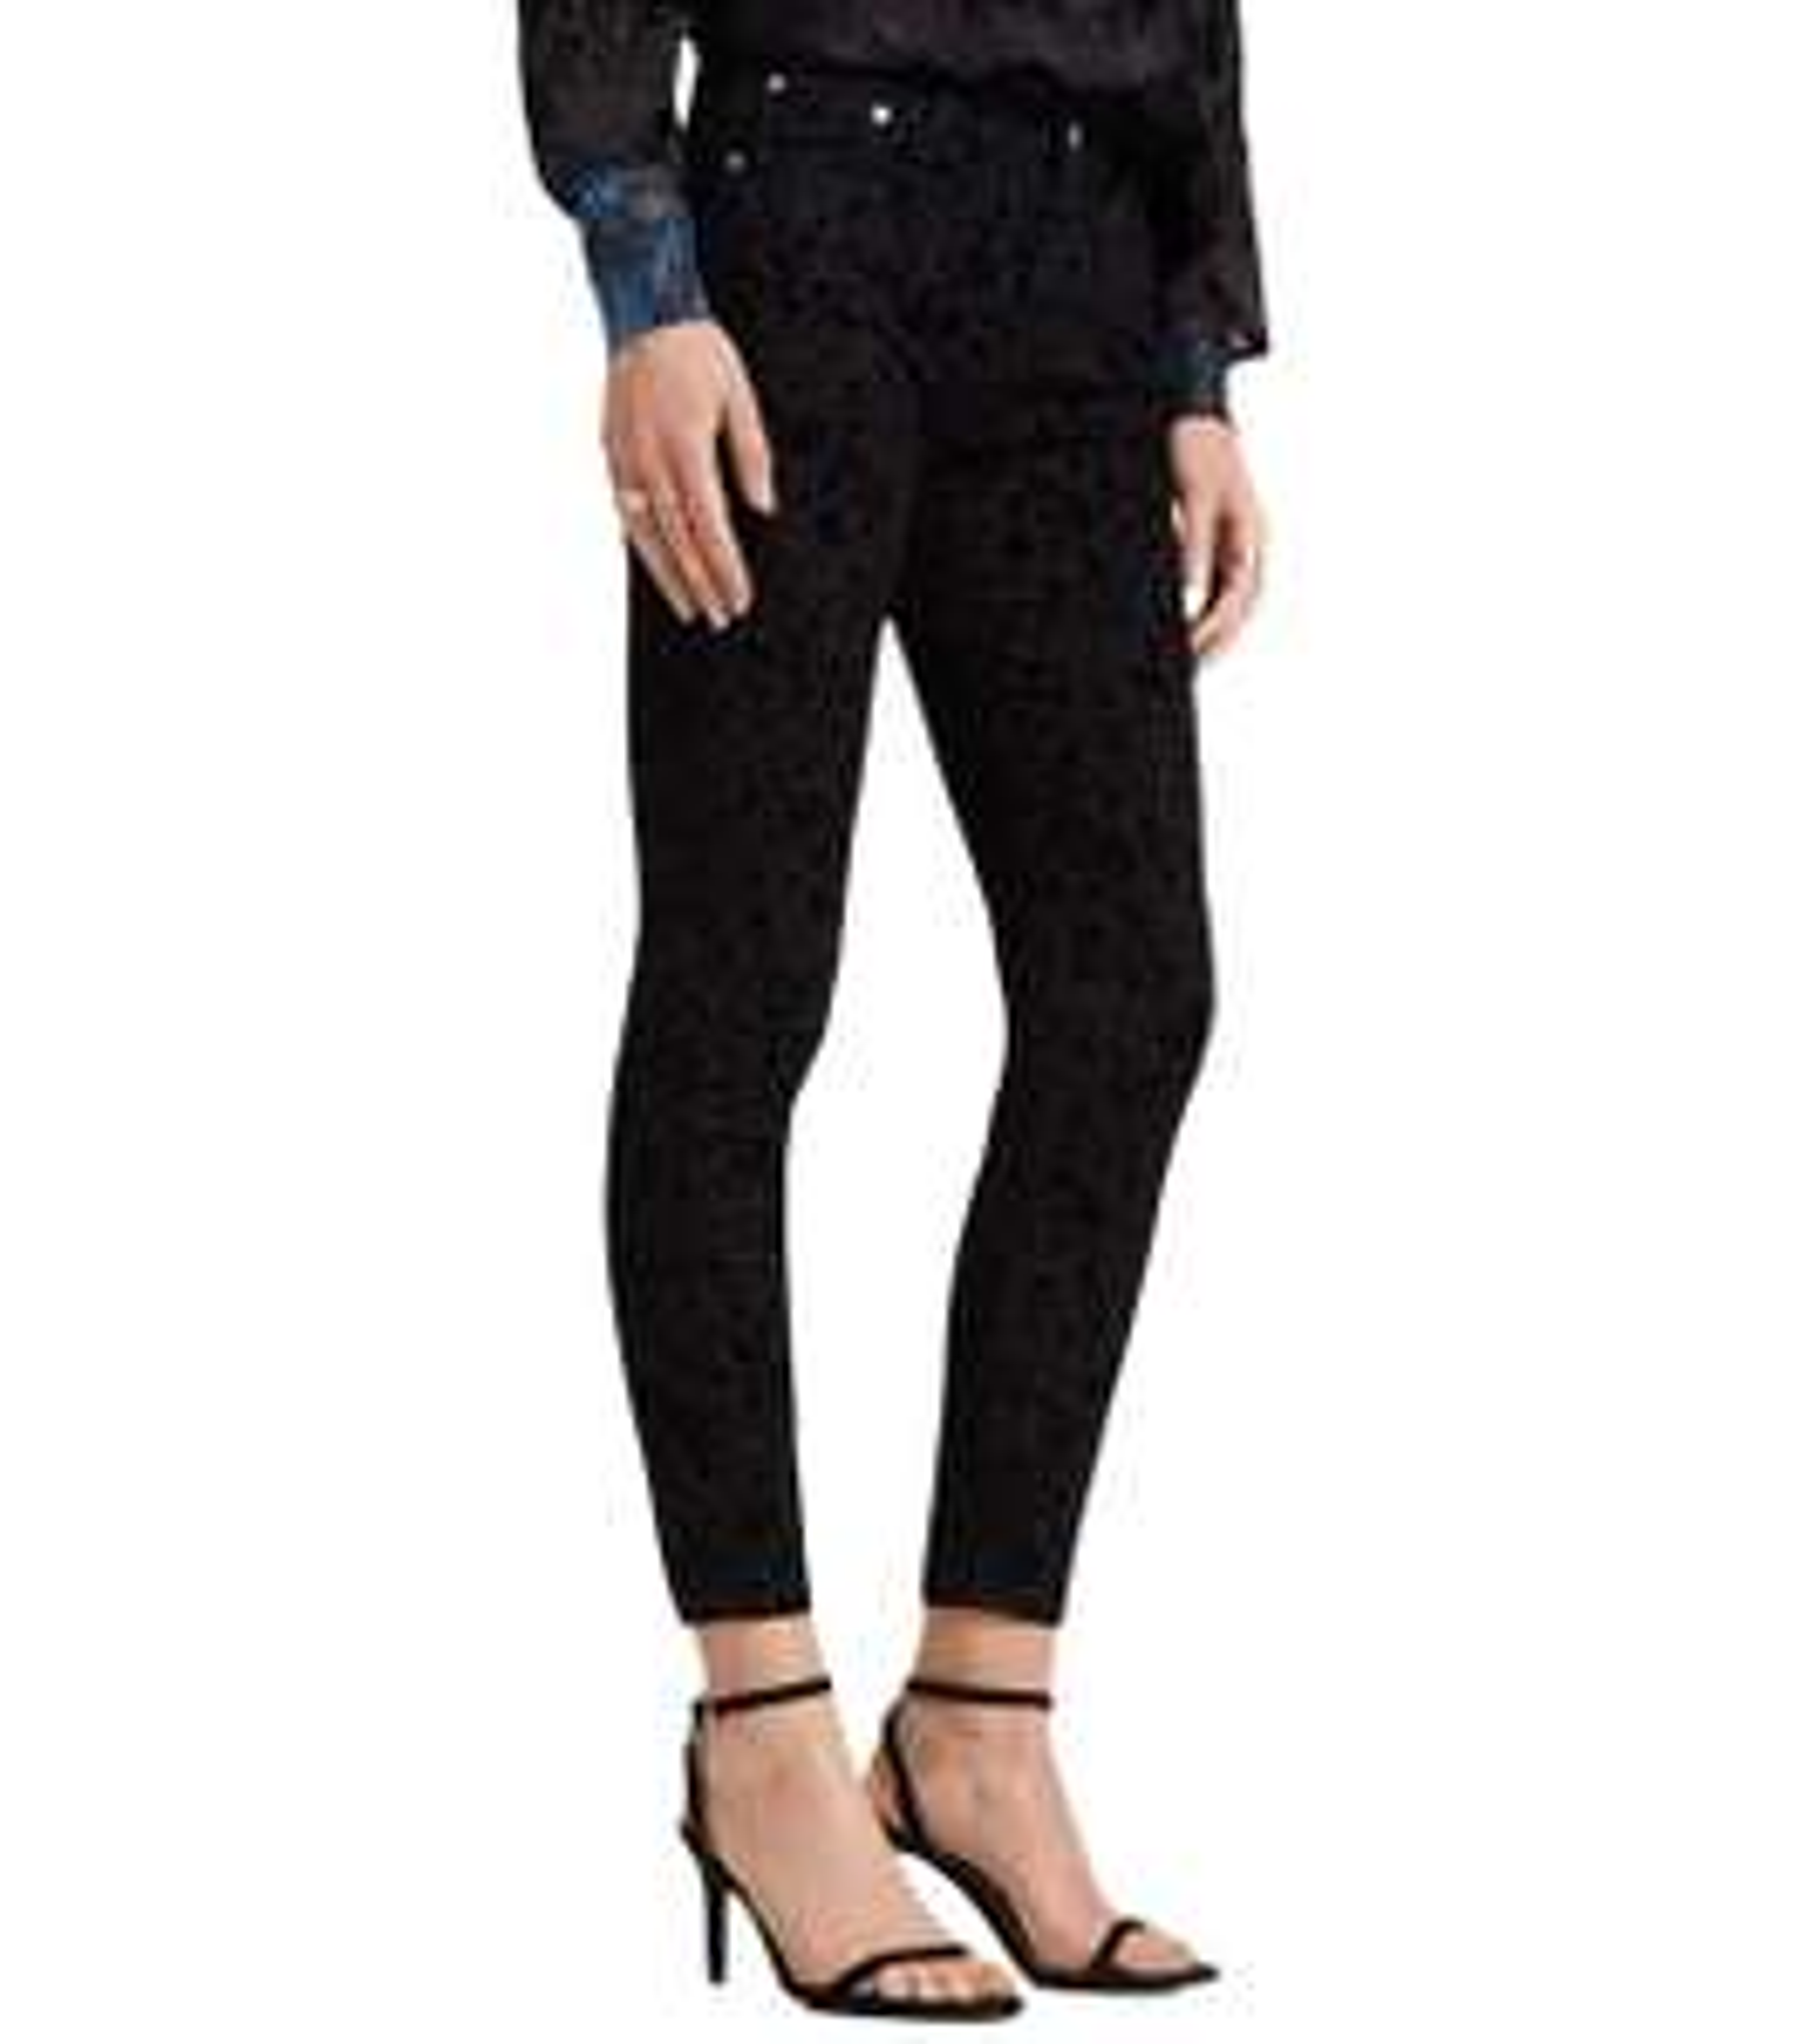 Palacio de Hierro: Desigual Jeans Slim Fit Mujer 70% Desc